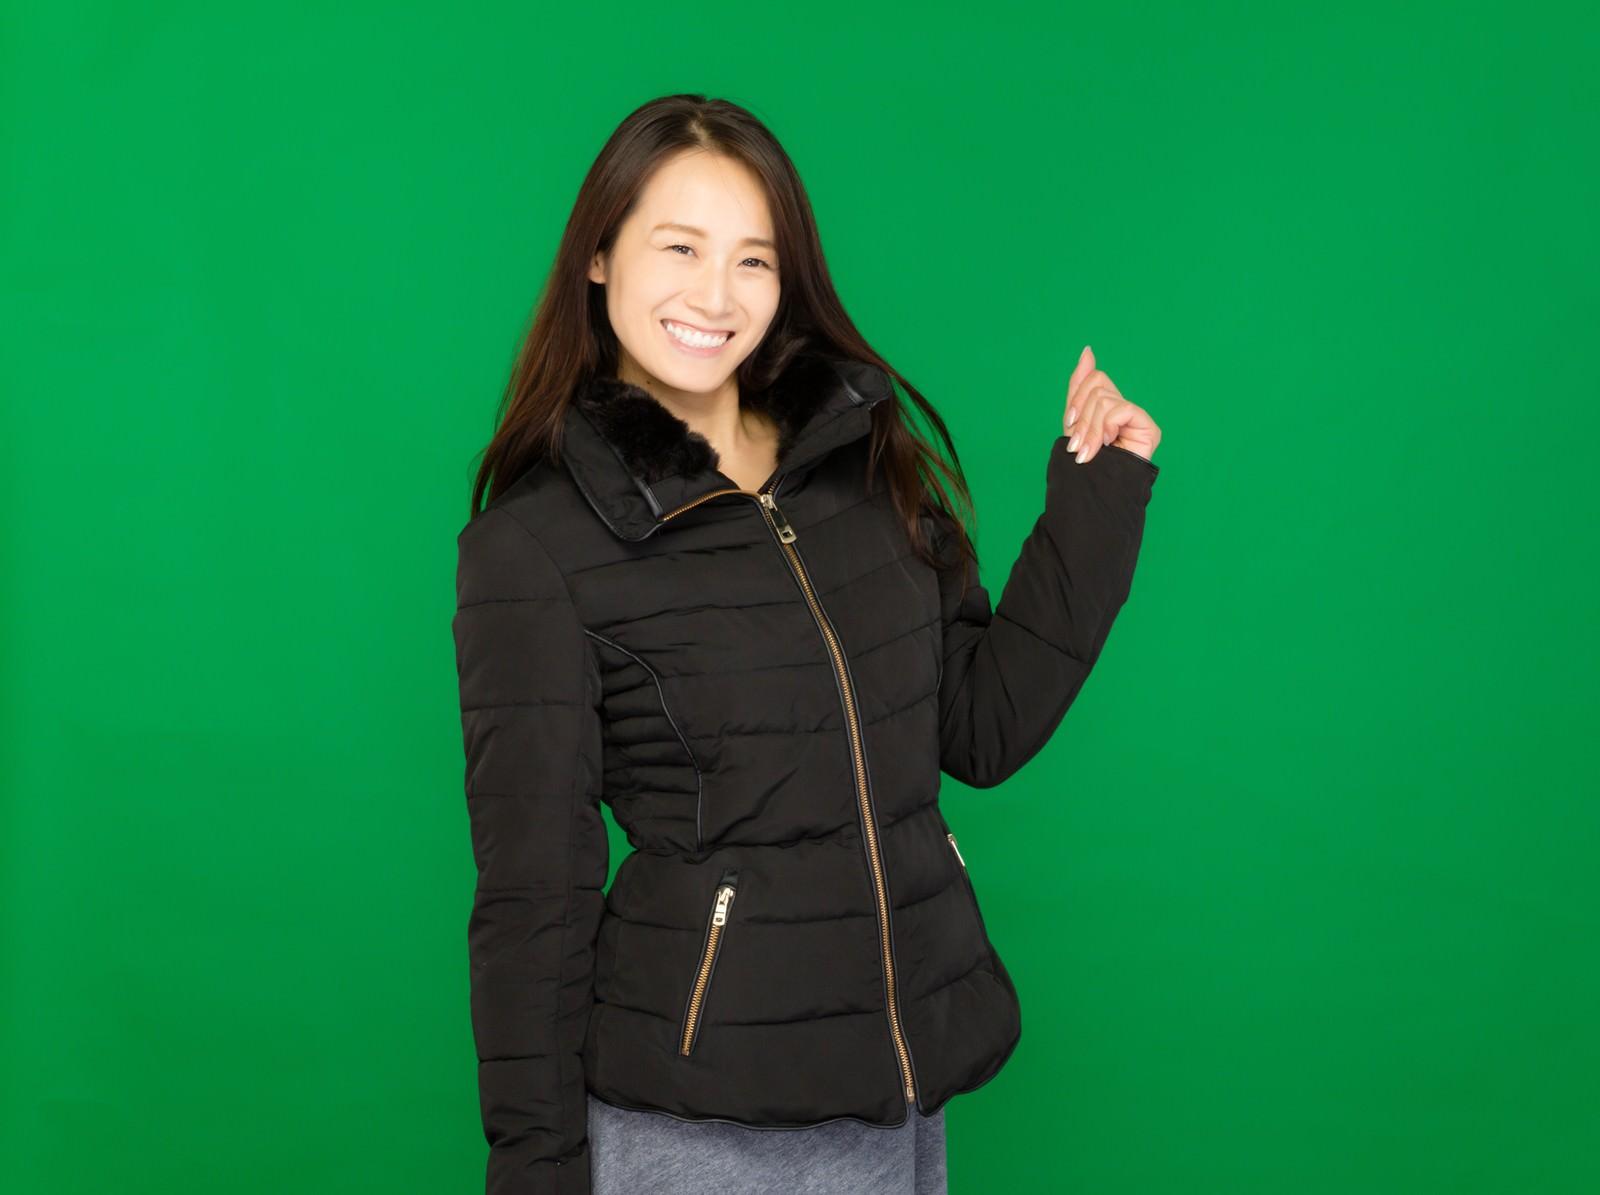 「レディースの冬物セール(グリーンバック)レディースの冬物セール(グリーンバック)」[モデル:土本寛子]のフリー写真素材を拡大